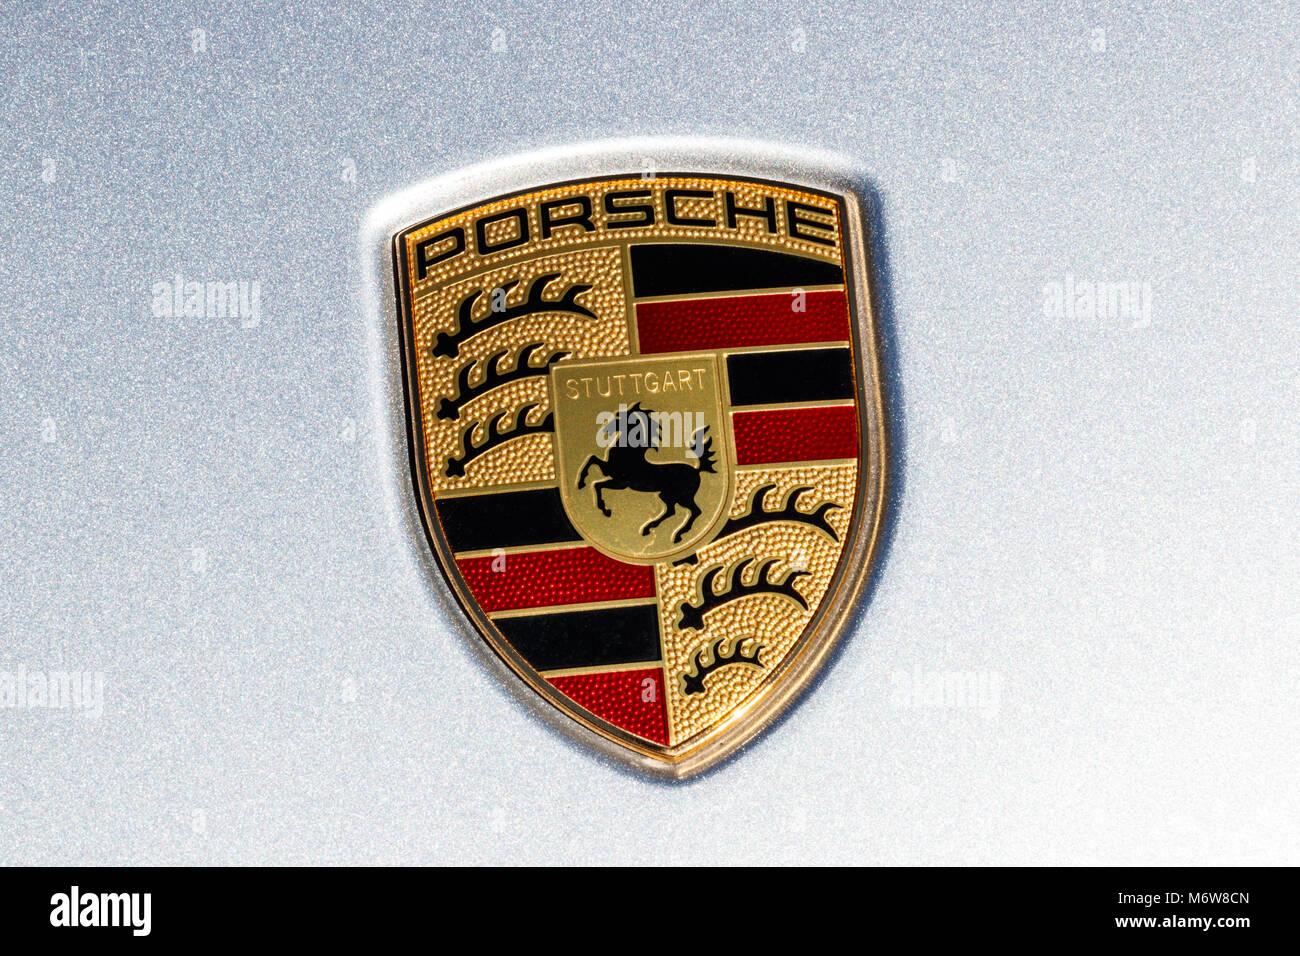 porsche logo stock photos porsche logo stock images alamy. Black Bedroom Furniture Sets. Home Design Ideas